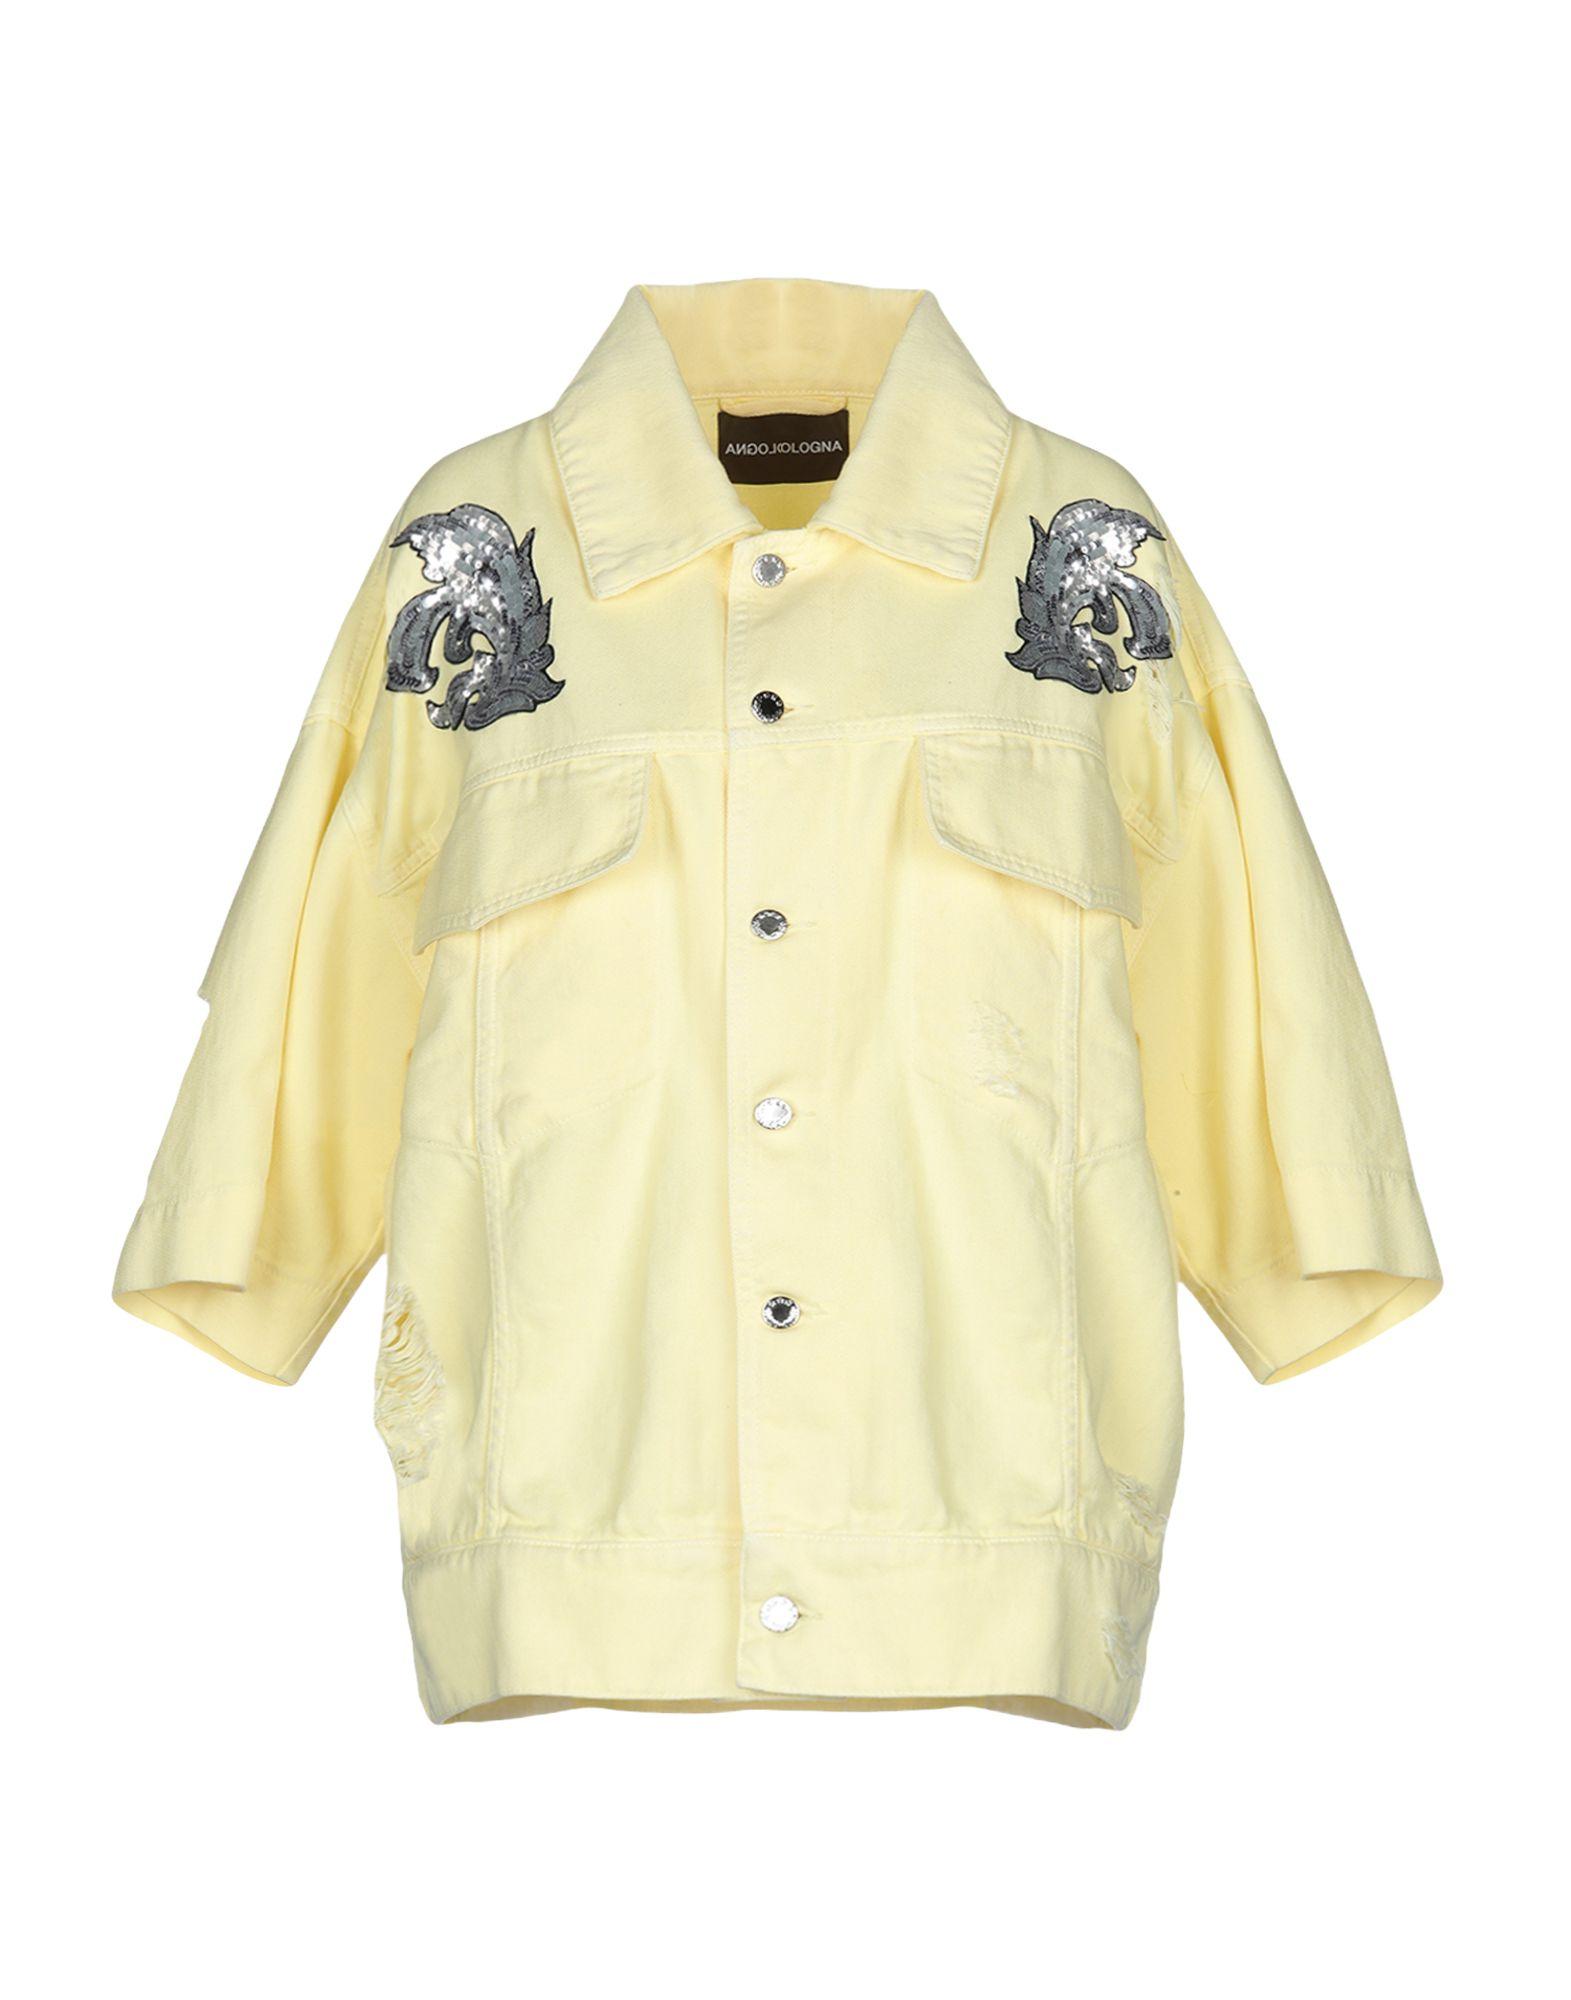 MARCO BOLOGNA Джинсовая верхняя одежда одежда